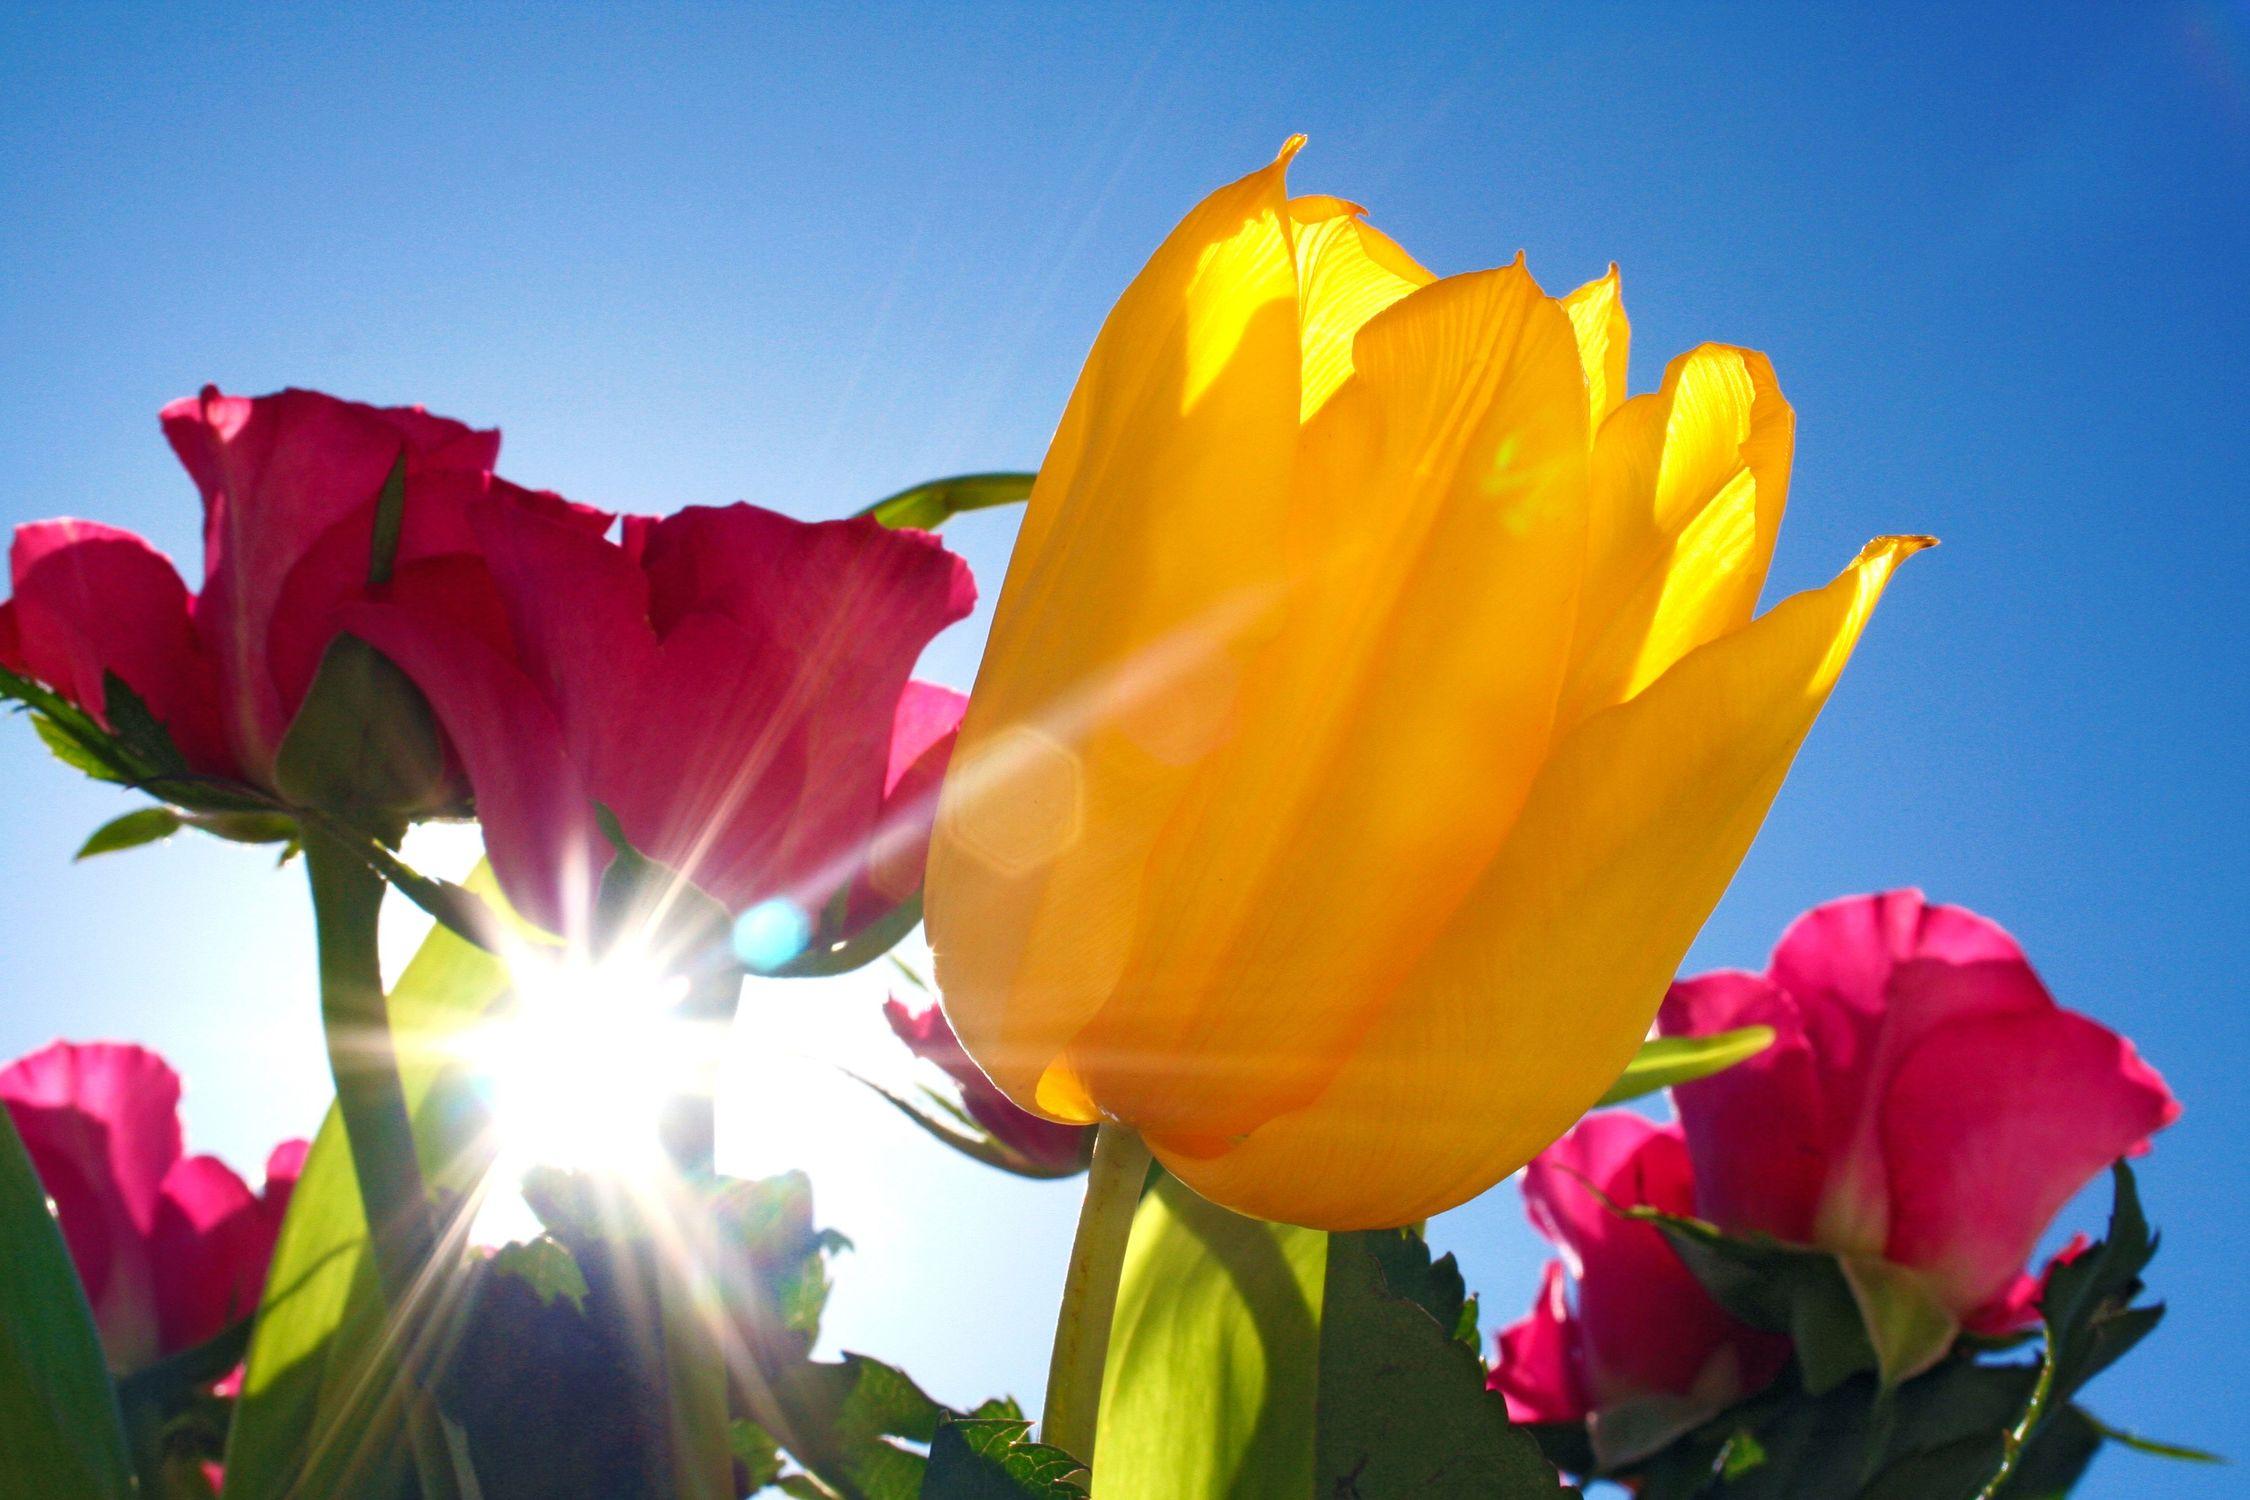 Bild mit Farben, Gelb, Natur, Pflanzen, Himmel, Jahreszeiten, Blumen, Blumen, Rosa, Frühling, Blume, Pflanze, Rose, Roses, rote Rose, Tulips, Tulpen, gelbe Tulpe, Tulipa, Gegenlicht, Flower, Flowers, Tulip, red Rose, osaceae, red, gelbe Tulpen, yellow tulip, yellow tulips, yellow, ulpe, Blumenstrauß